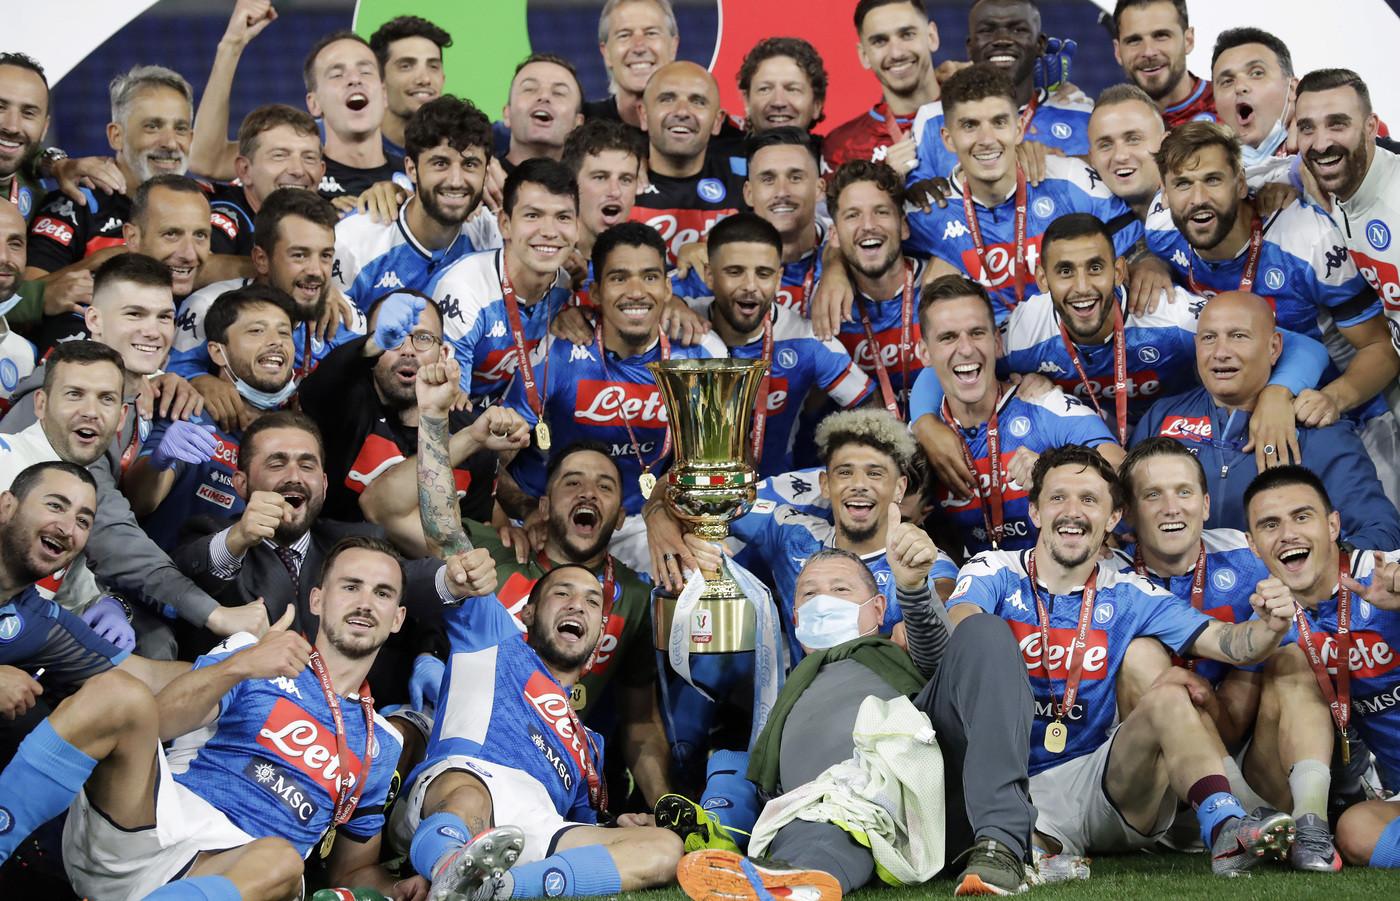 Coppa Italia al Napoli, i partenopei affondano la Juve ai rigori